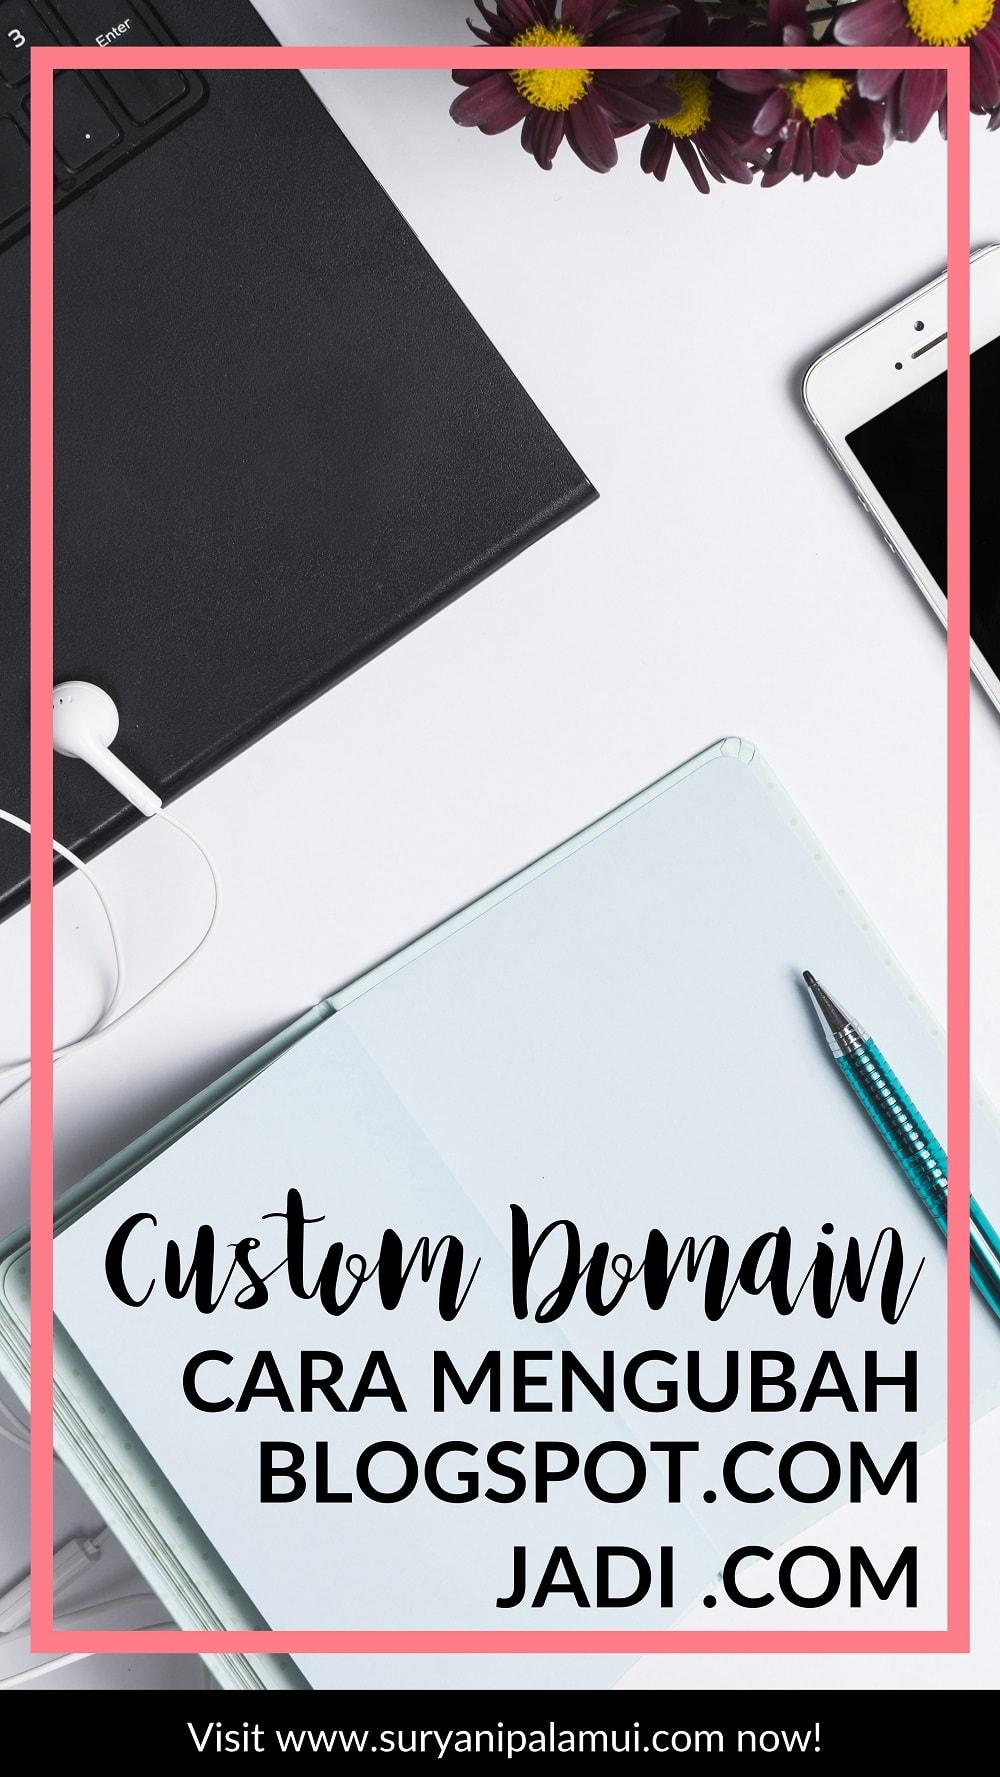 Custom Domain Blogspot, Cara Mengubah blogspot.com Jadi .com